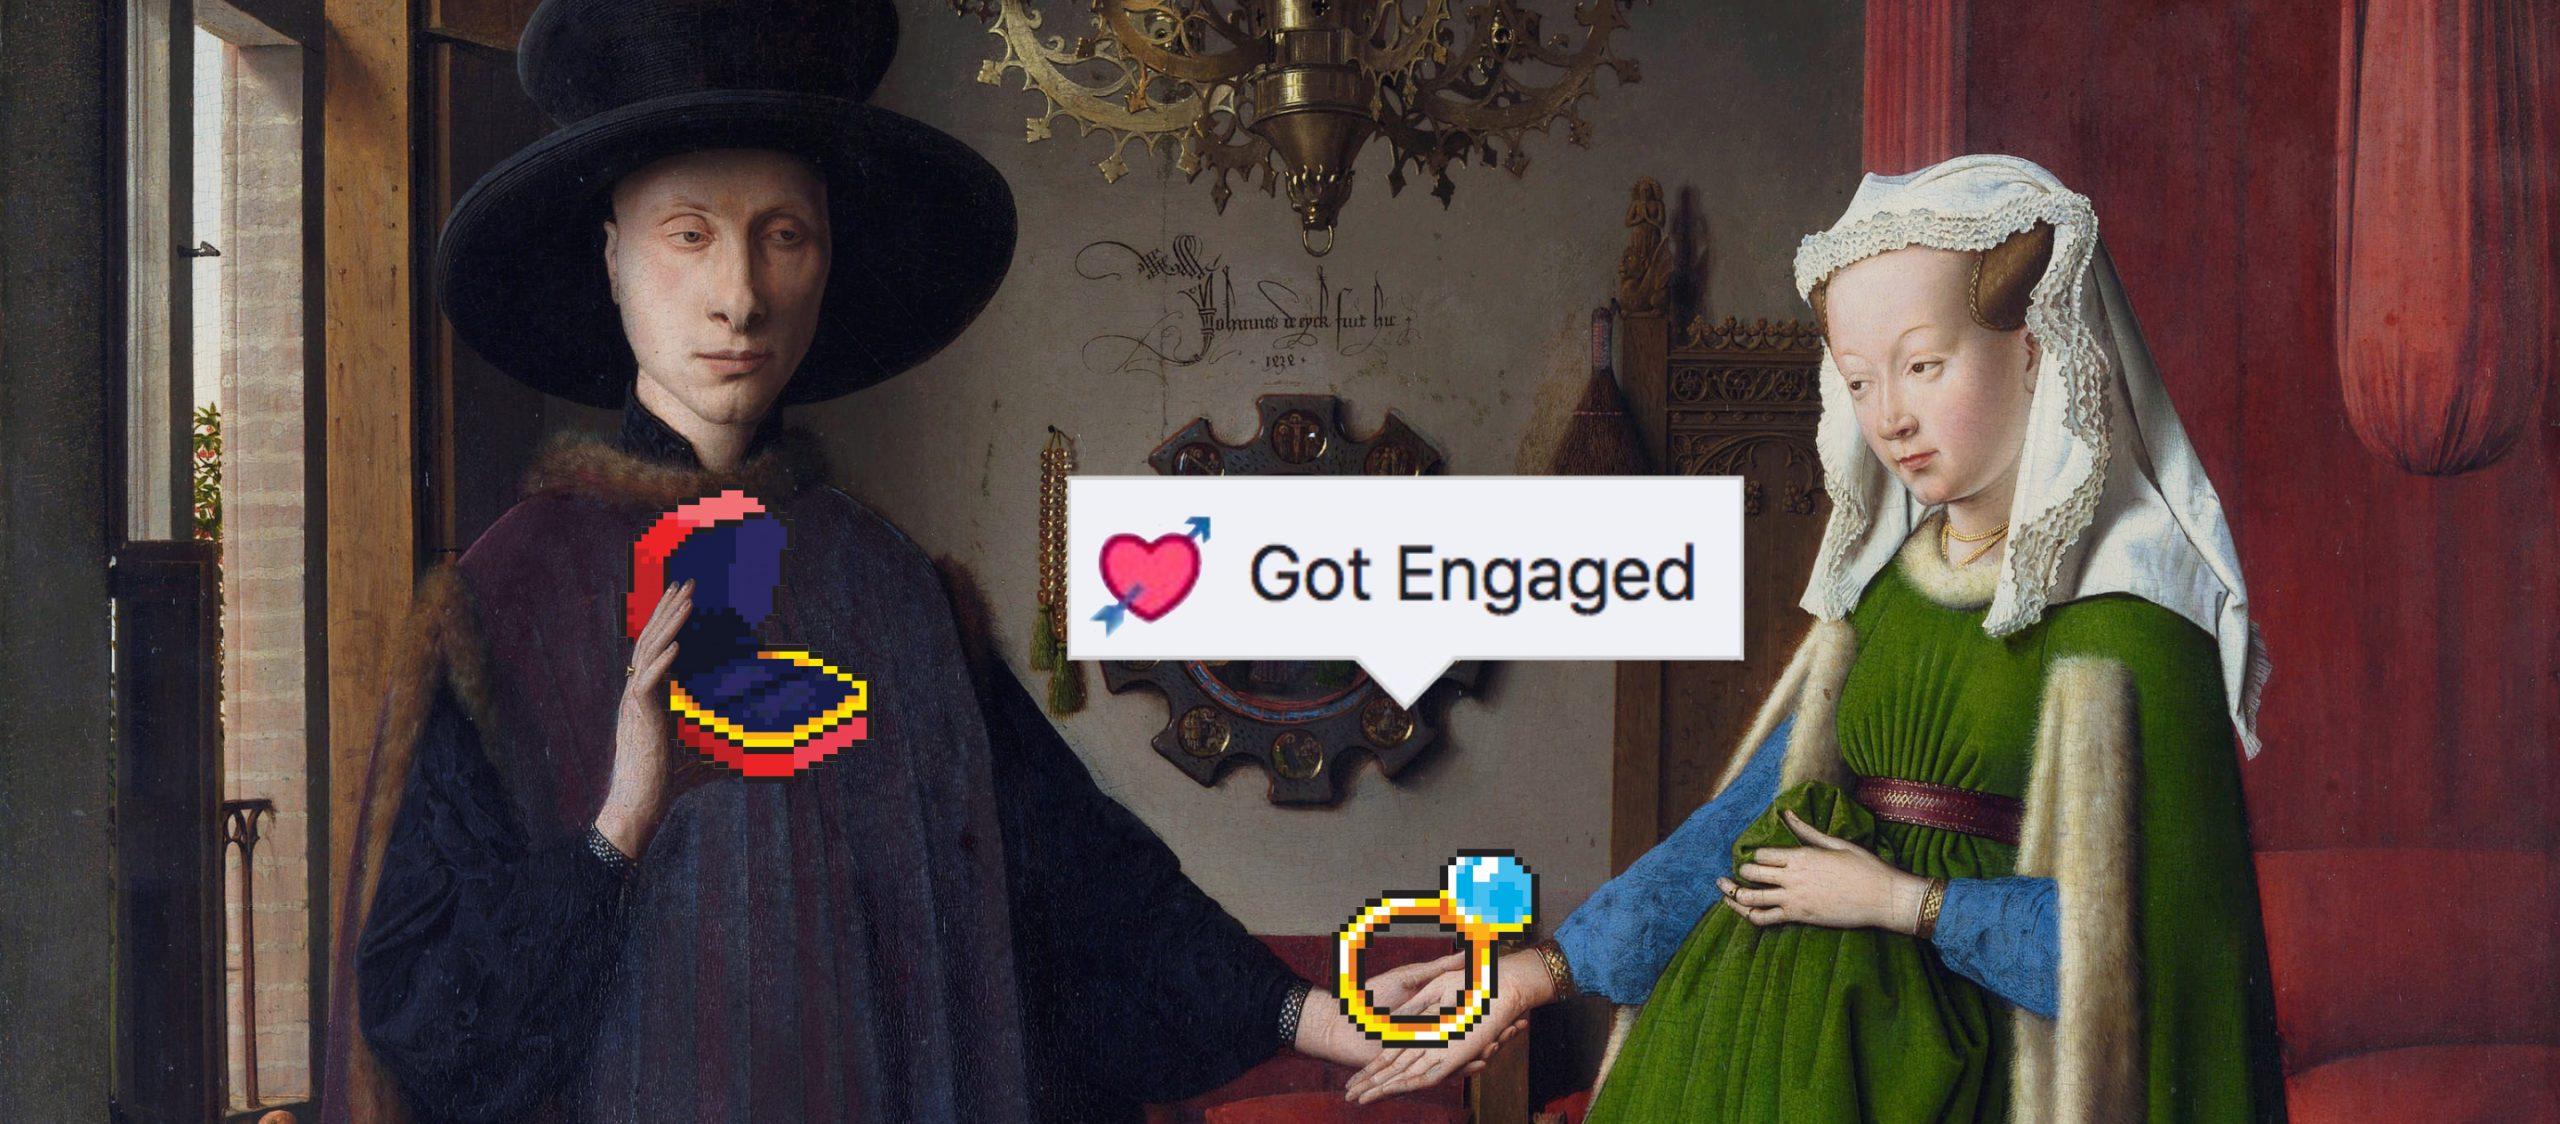 รักแท้มีมูลค่าเท่าไหร่ และที่มาว่าทำไมแหวนเพชรจึงถูกใช้เพื่อขอแต่งงาน